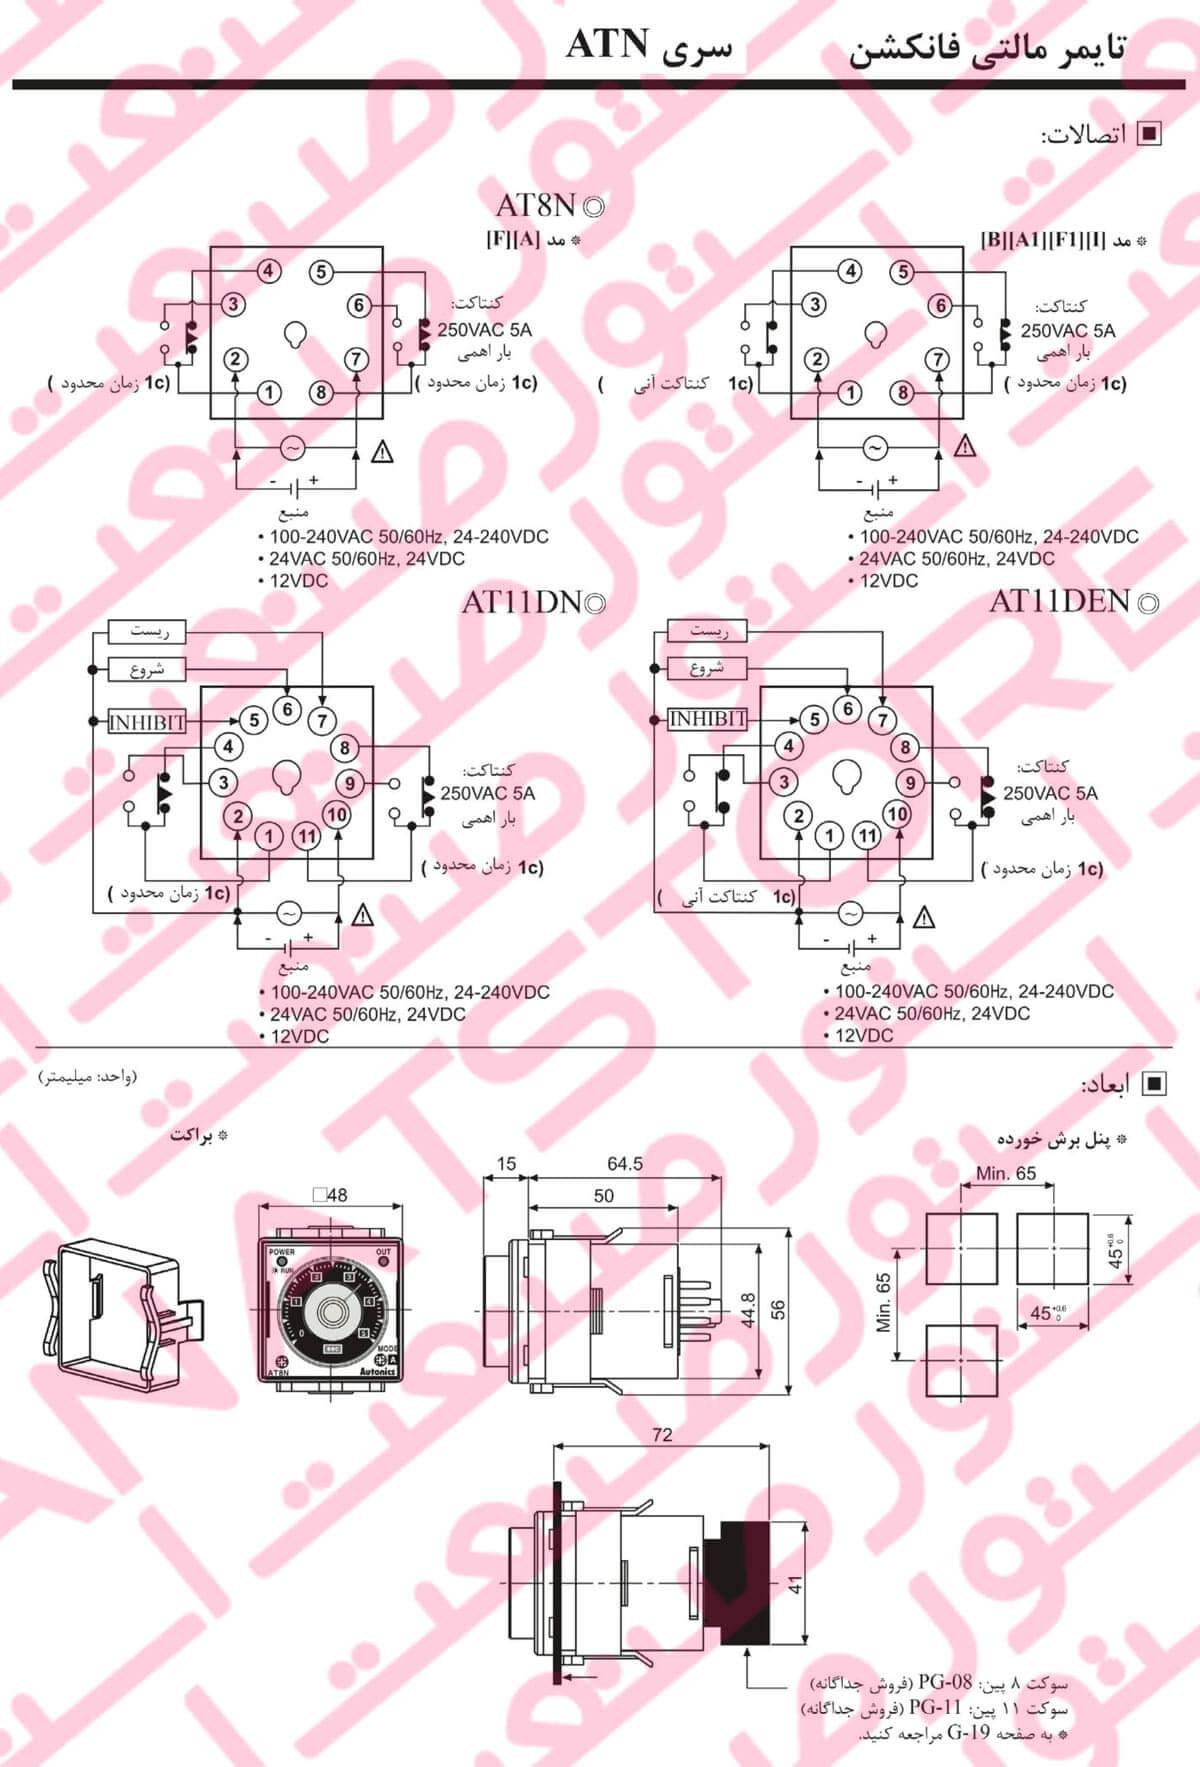 راهنمای نصب تایمر های آنالوگ مولتی فانکشن آتونیکس Autonics سری ATN